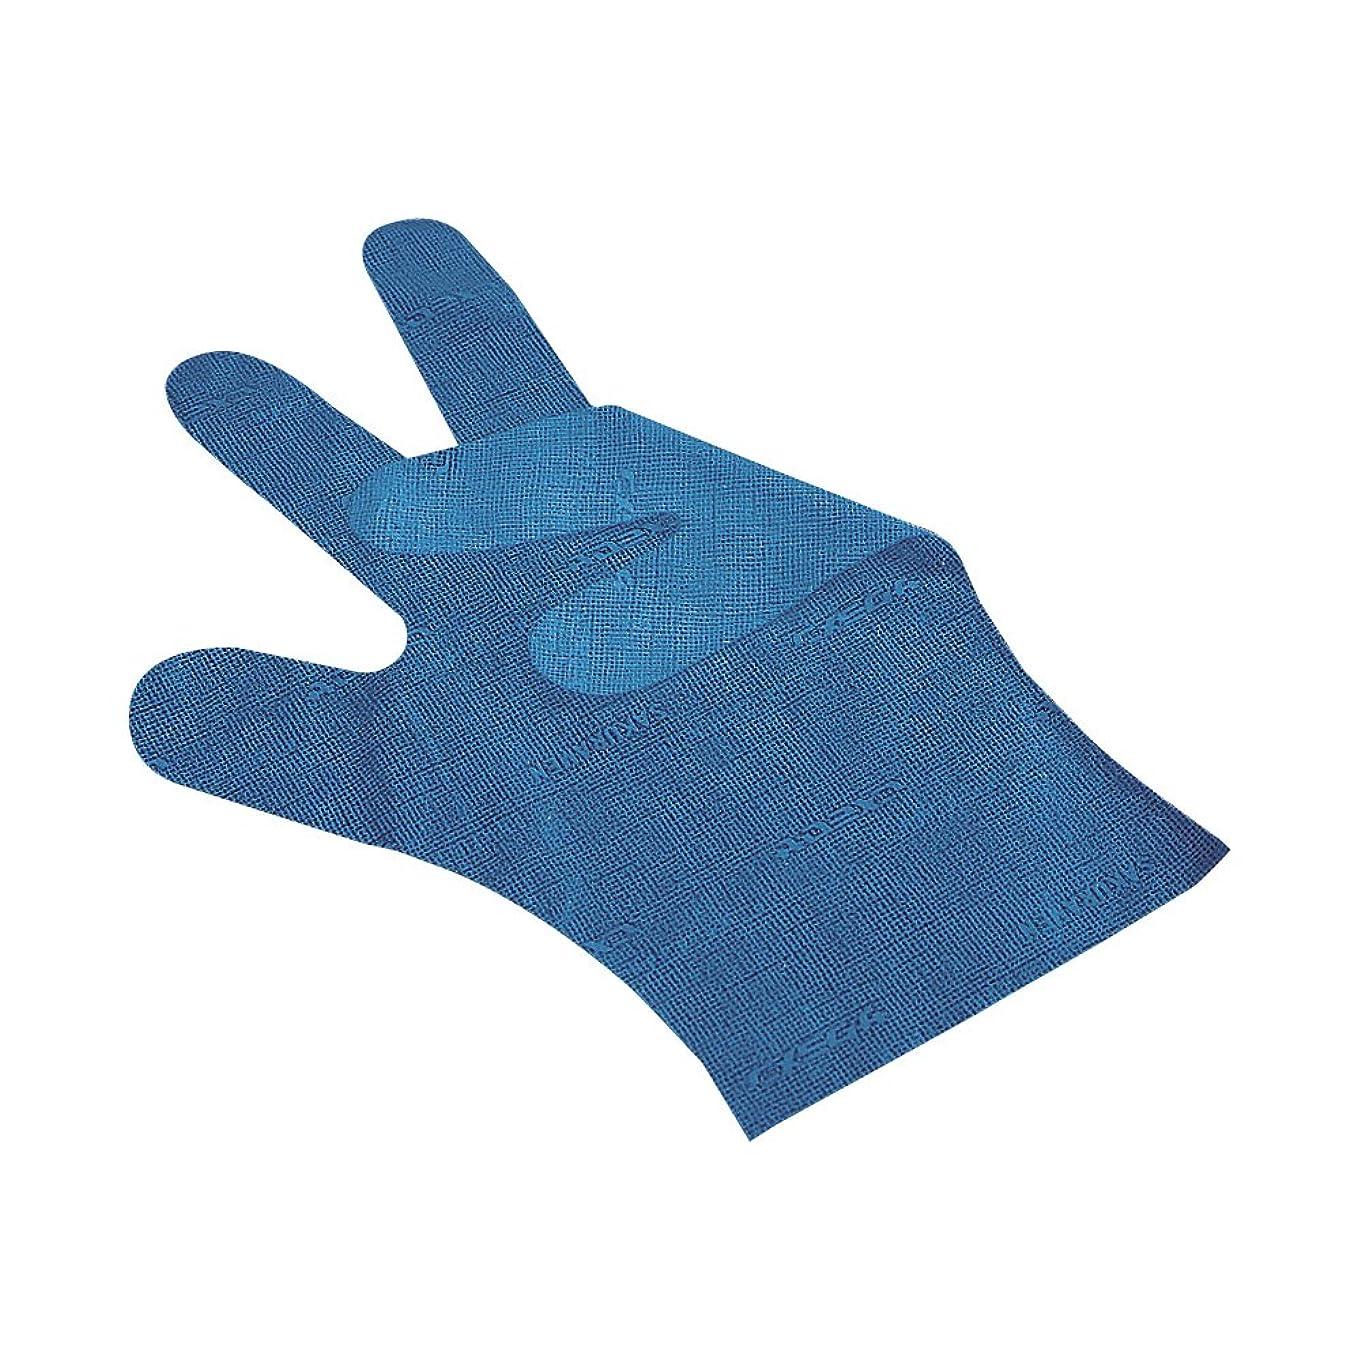 前兆アイデア恐れサクラメンエンボス手袋 デラックス ブルー S 100枚入